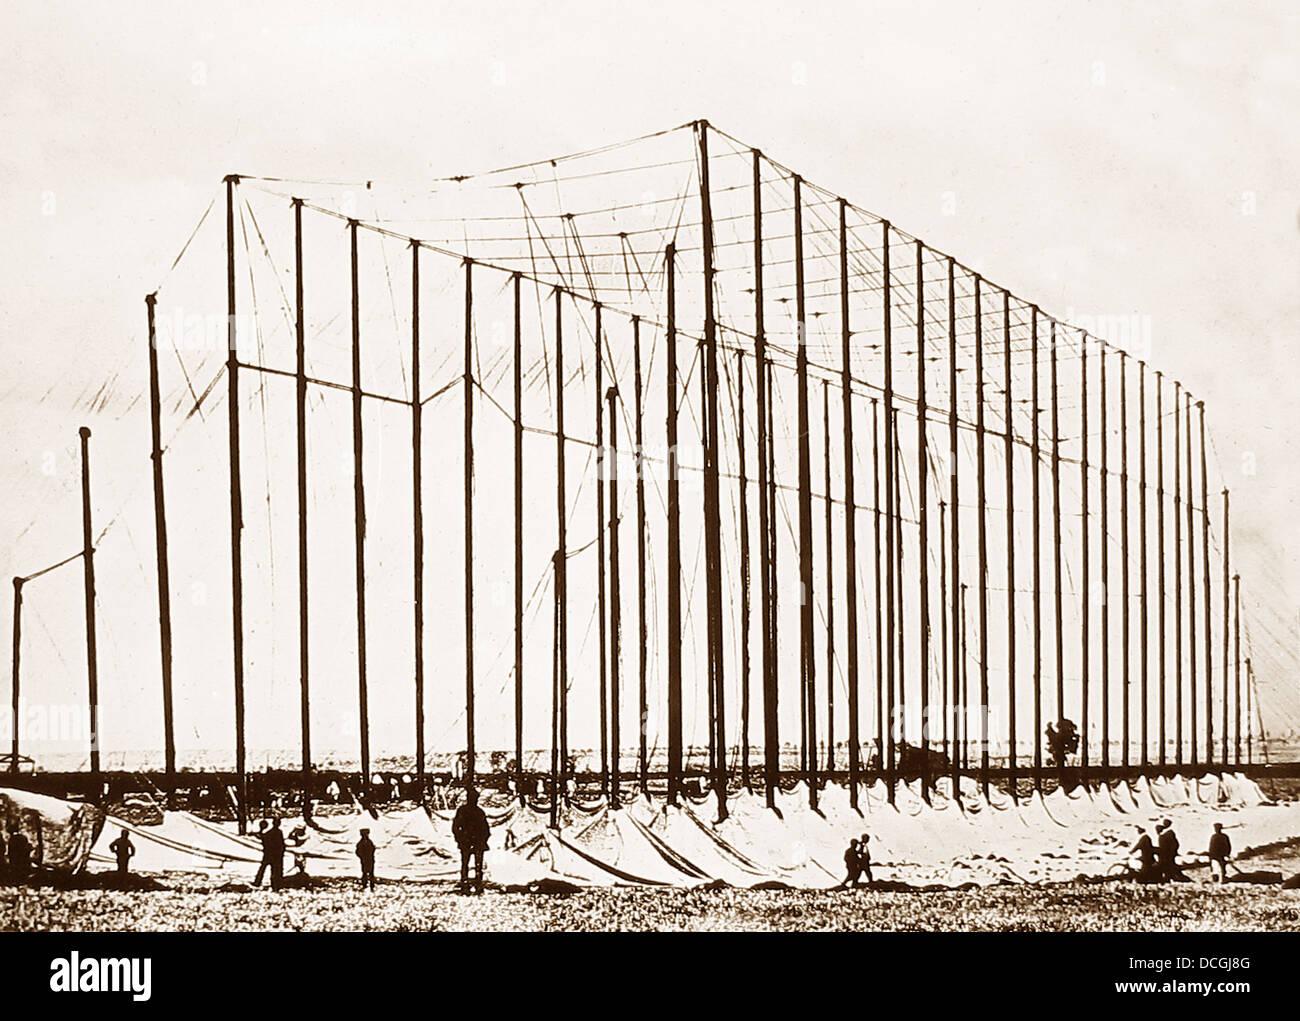 Temporäre Aufhänger für Zeppelin Luftschiff während WW1 Stockbild